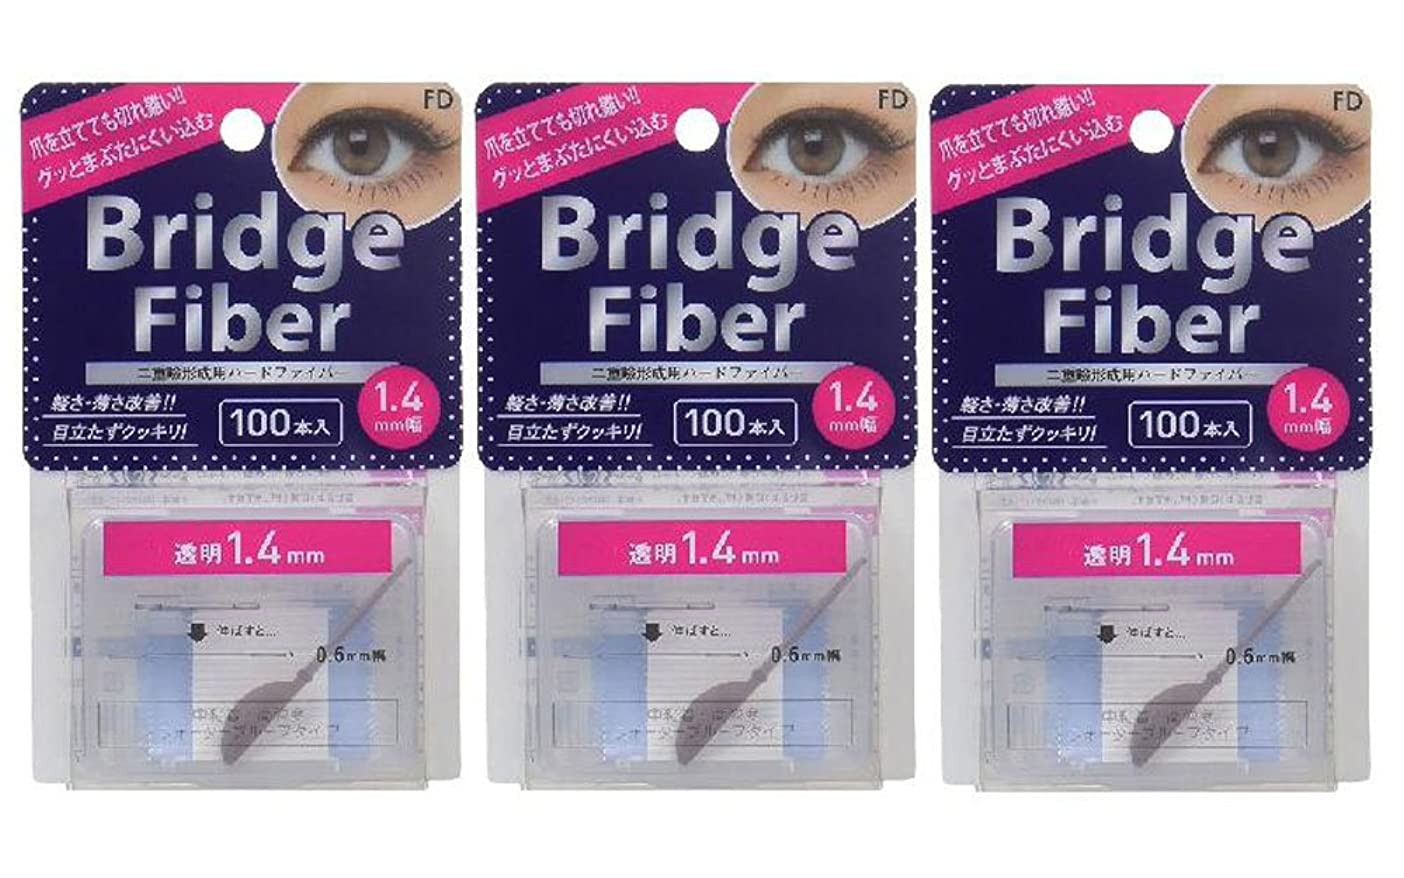 うぬぼれた誘導再撮りFD ブリッジファイバーII (眼瞼下垂防止テープ) 3個セット 透明 1.4mm